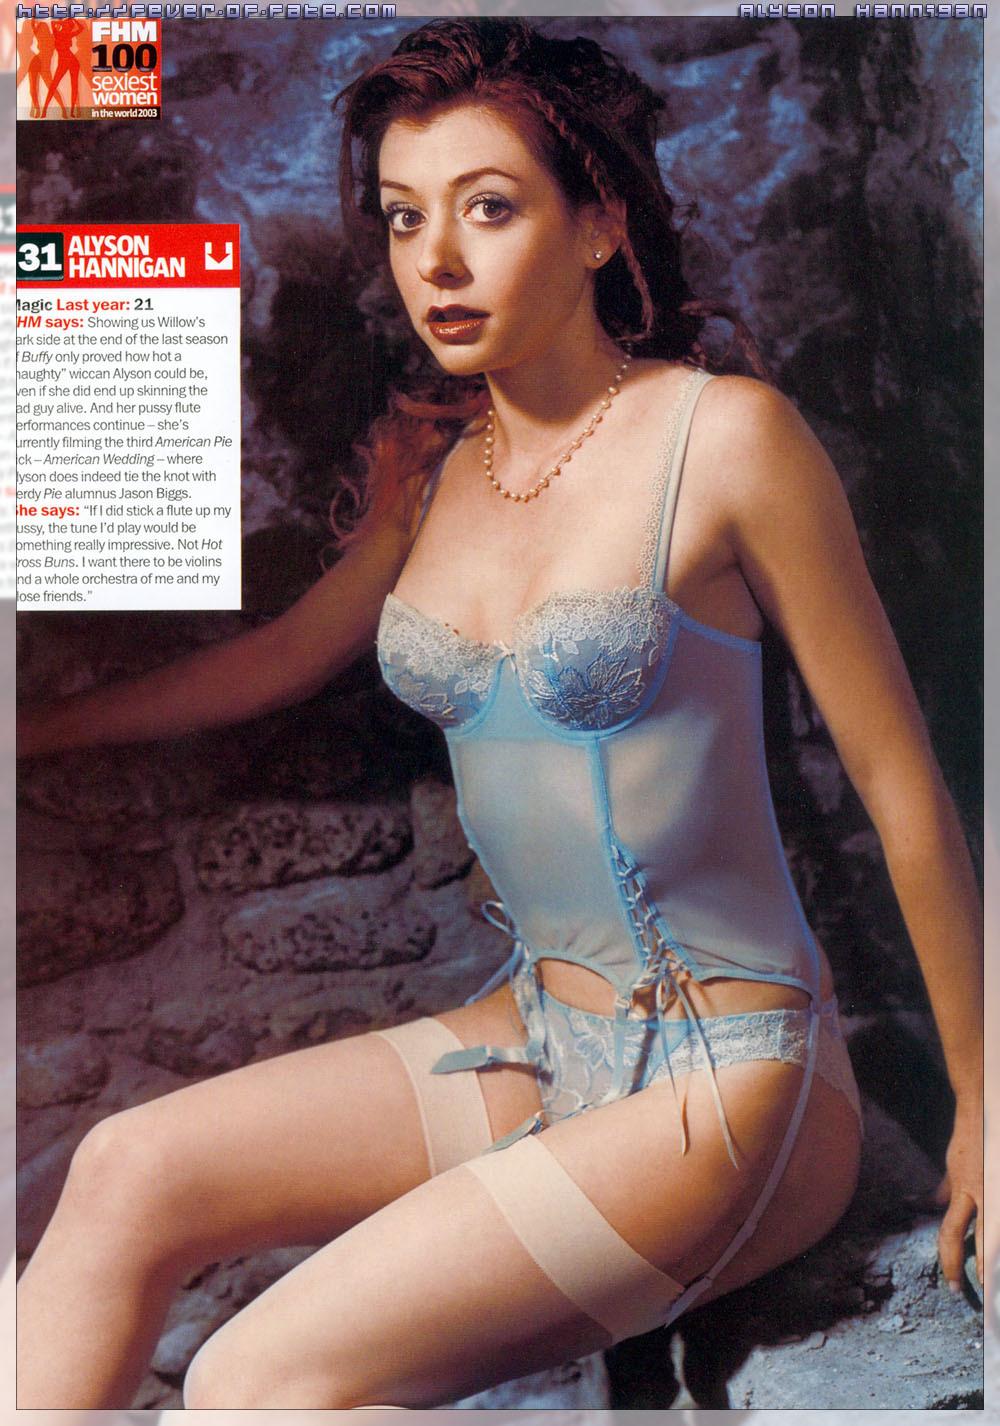 Alyson Hannigan Photoshoot alyson magazine scans - alyson hannigan photo (1581121) - fanpop